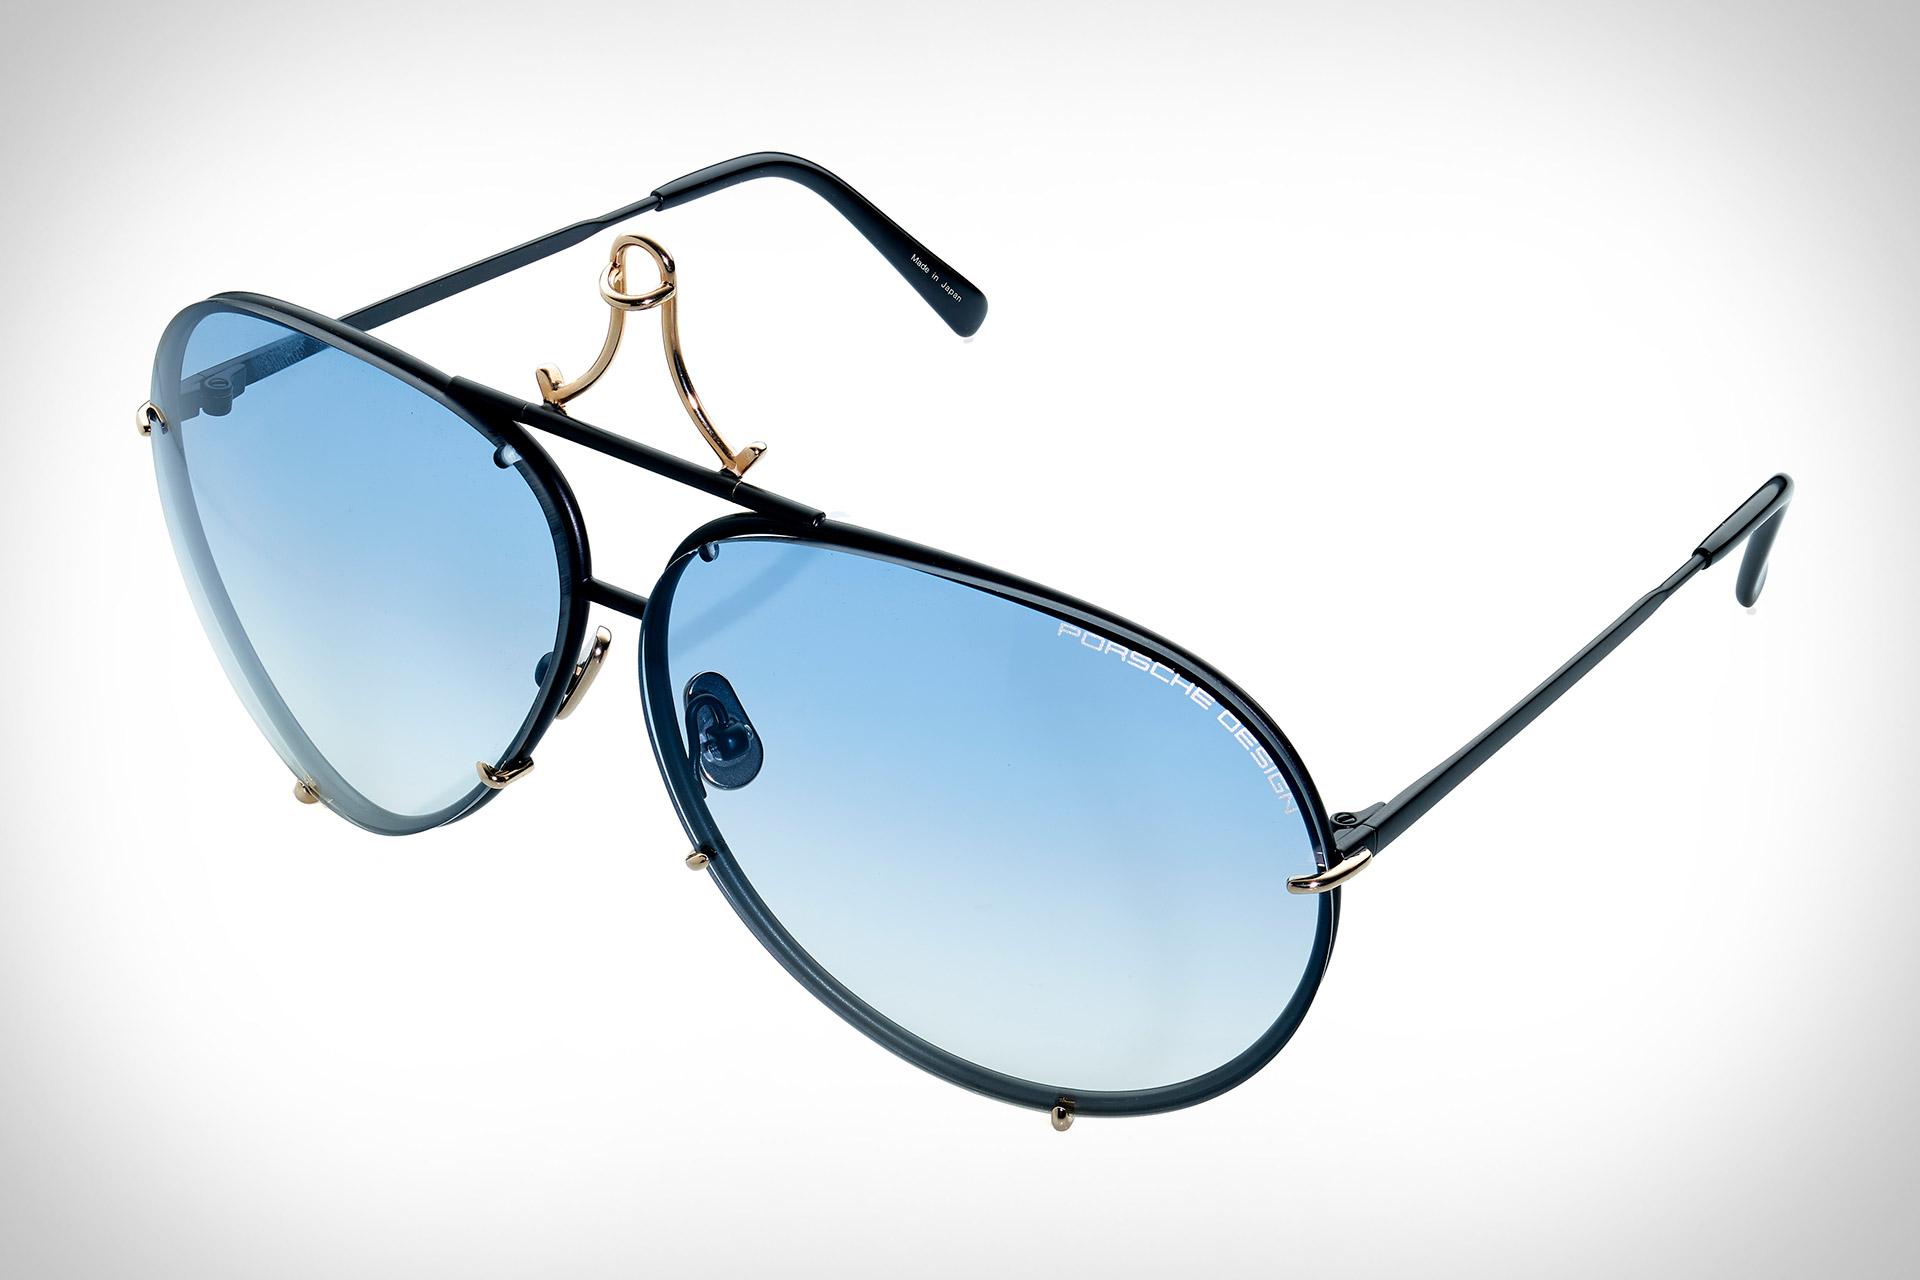 8ea3403d7232 Porsche Design 40Y P 8478 Sunglasses